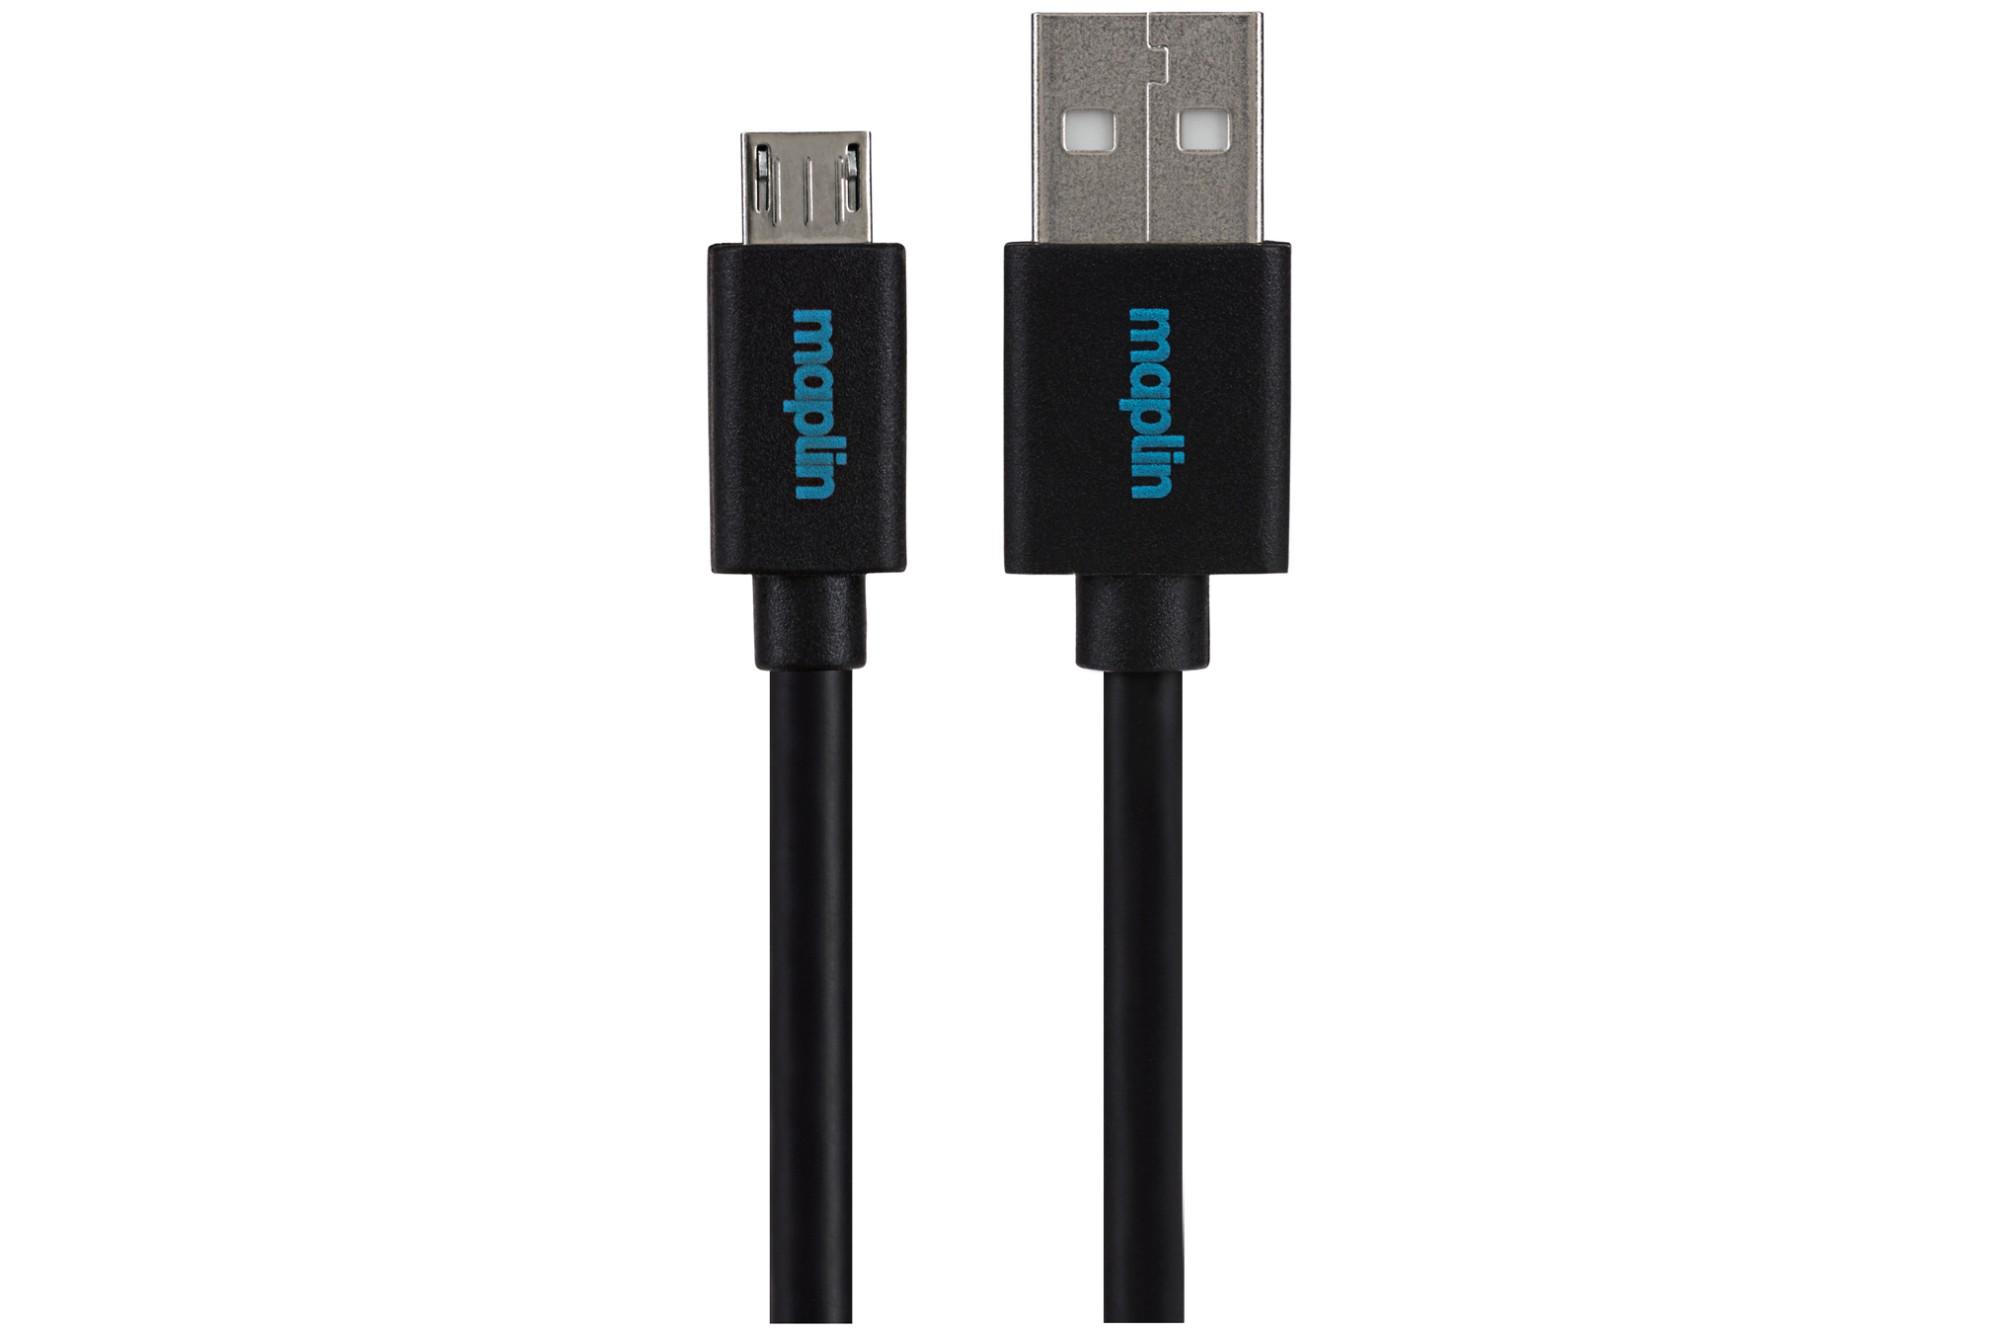 MAPLIN Premium USB A 2.0 Male to Micro USB B Male Cable 3m Black